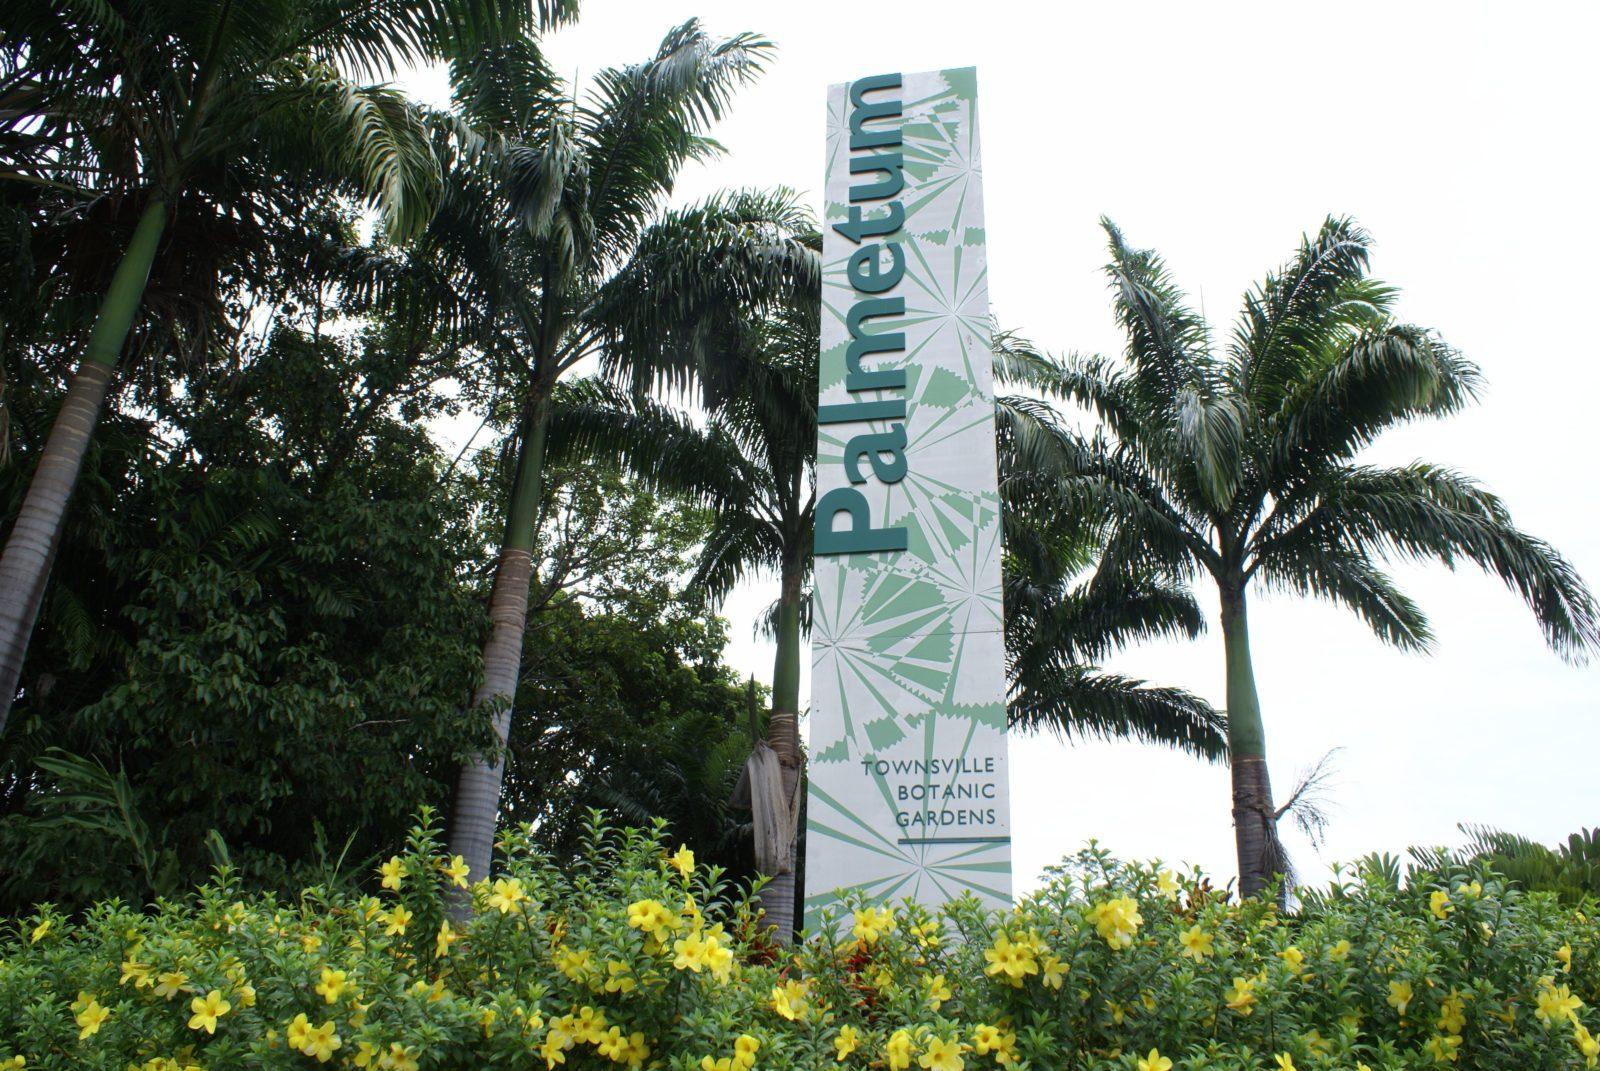 Townsville Palmetum